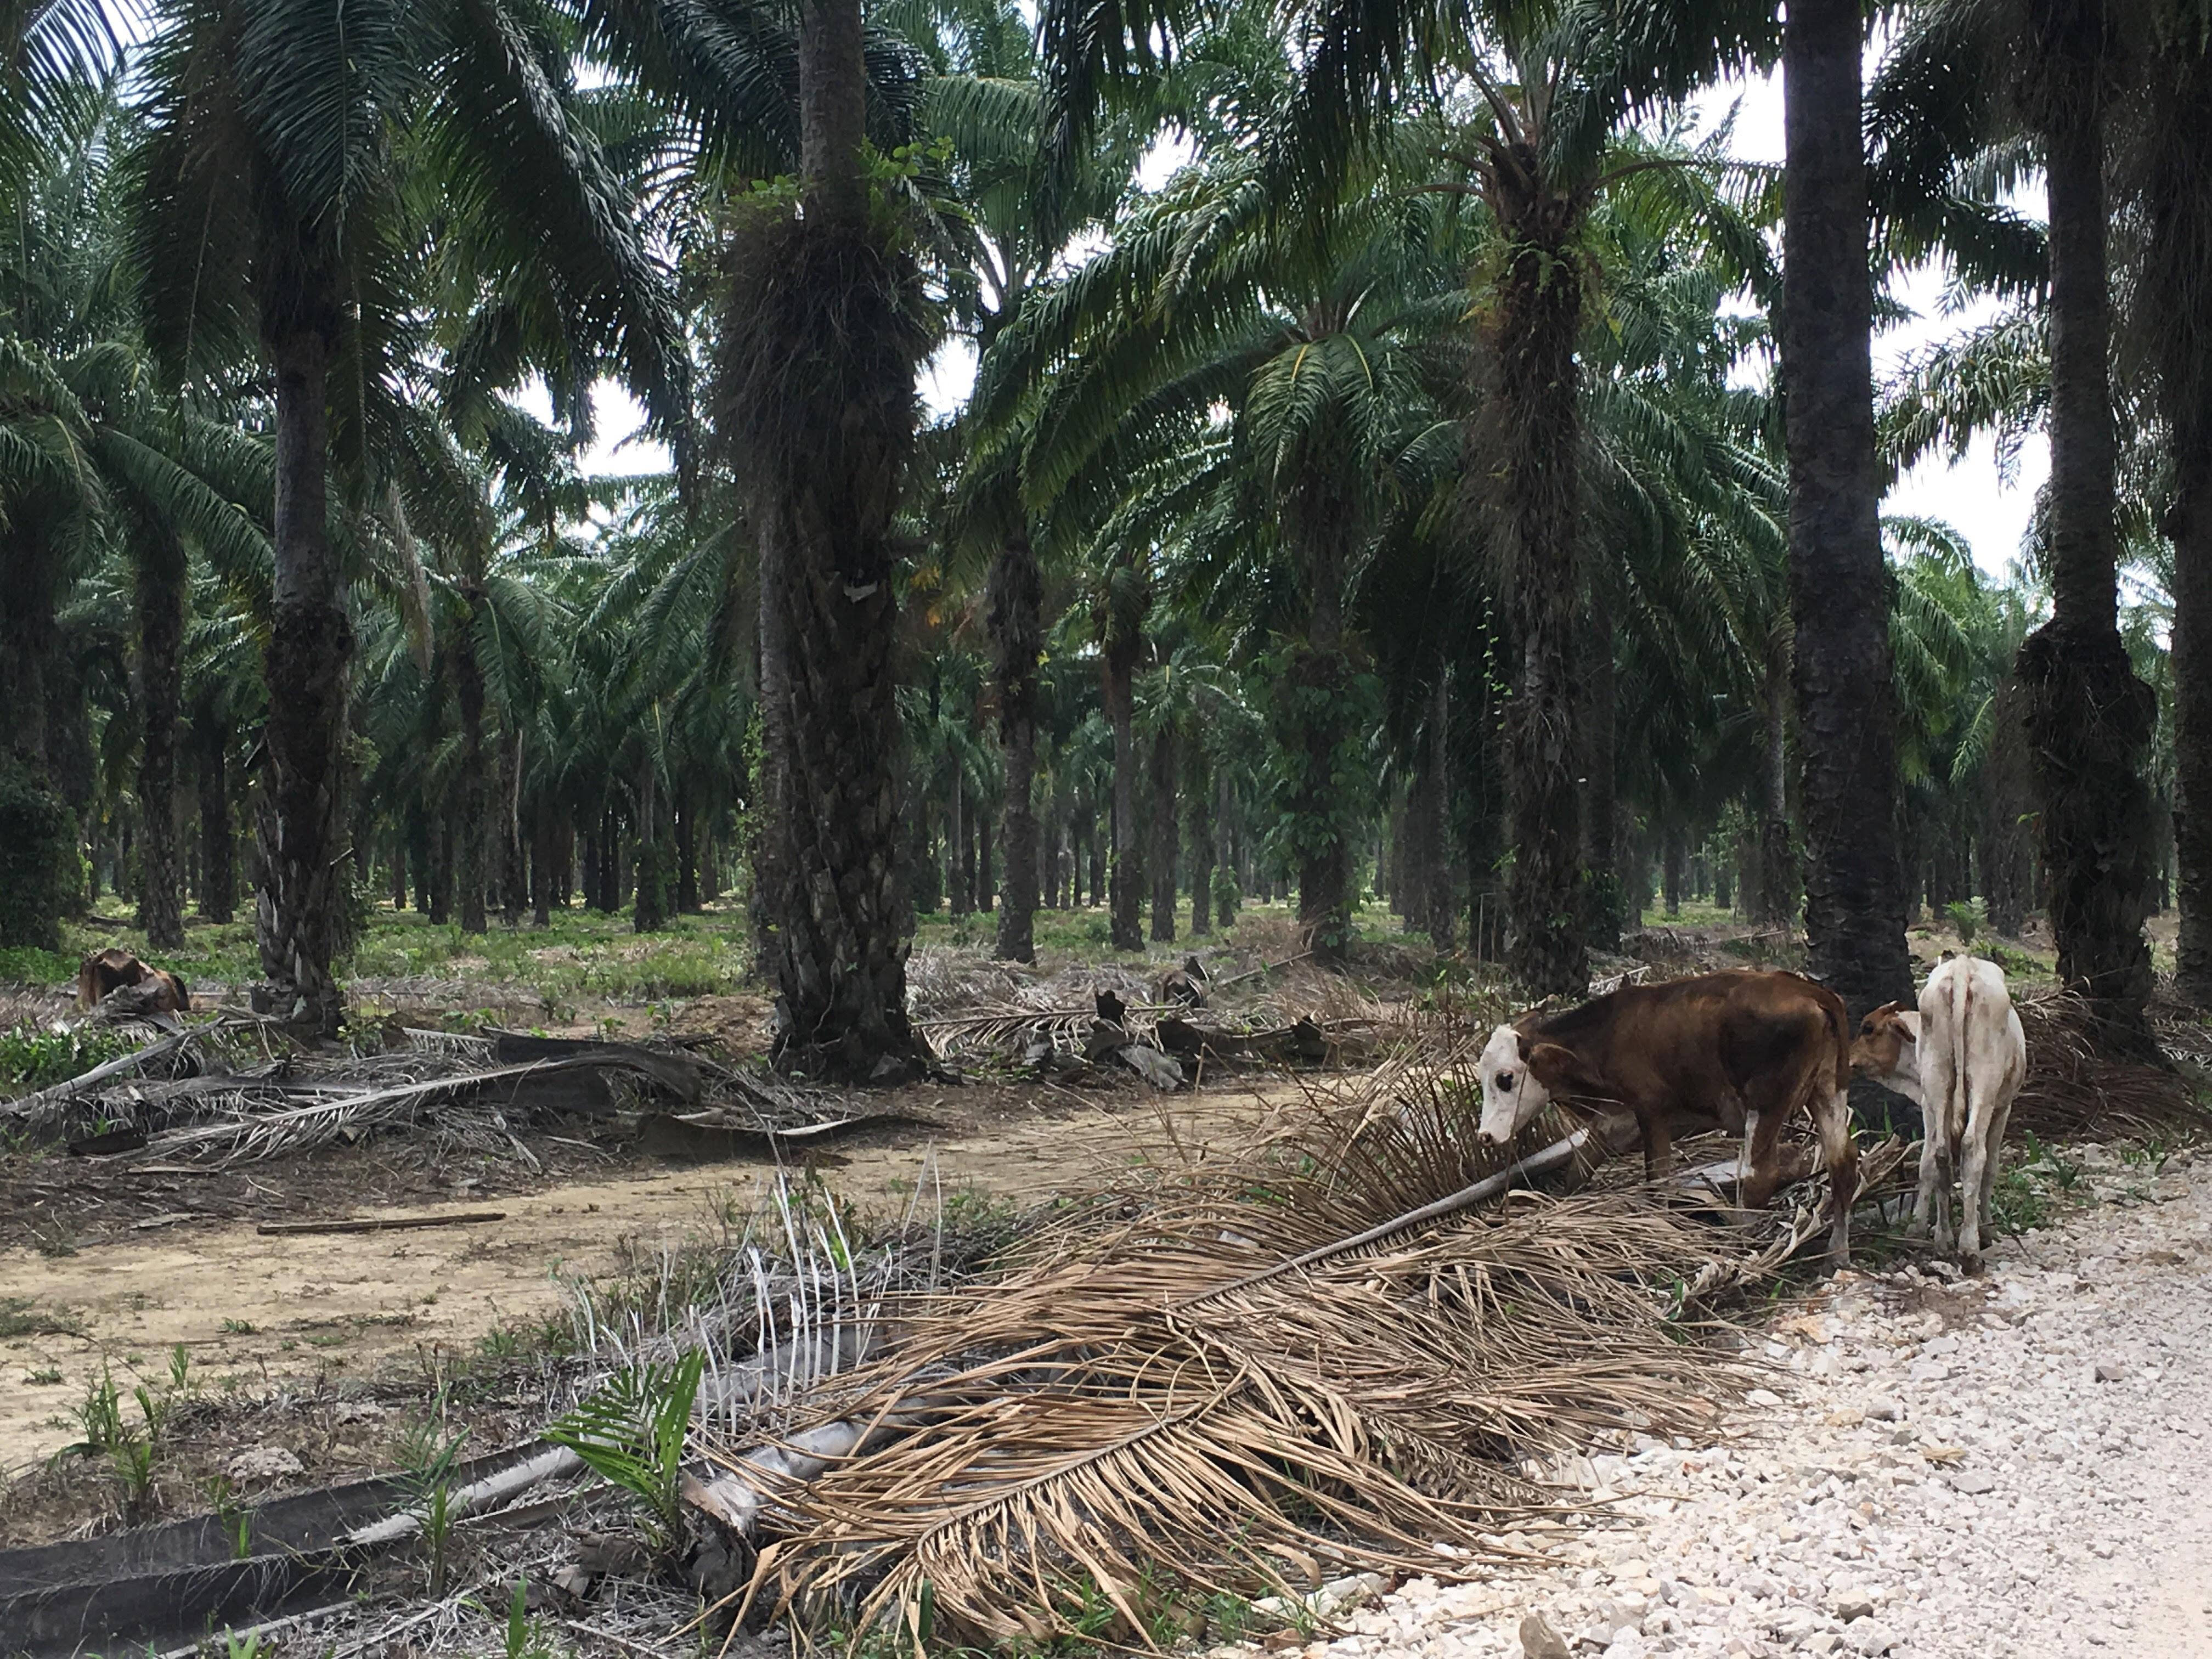 Palma de aceite en Honduras. Cientos de hectáreas de palma africana son cultivadas en el Valle de Lean. Foto: Lesly Frazier.